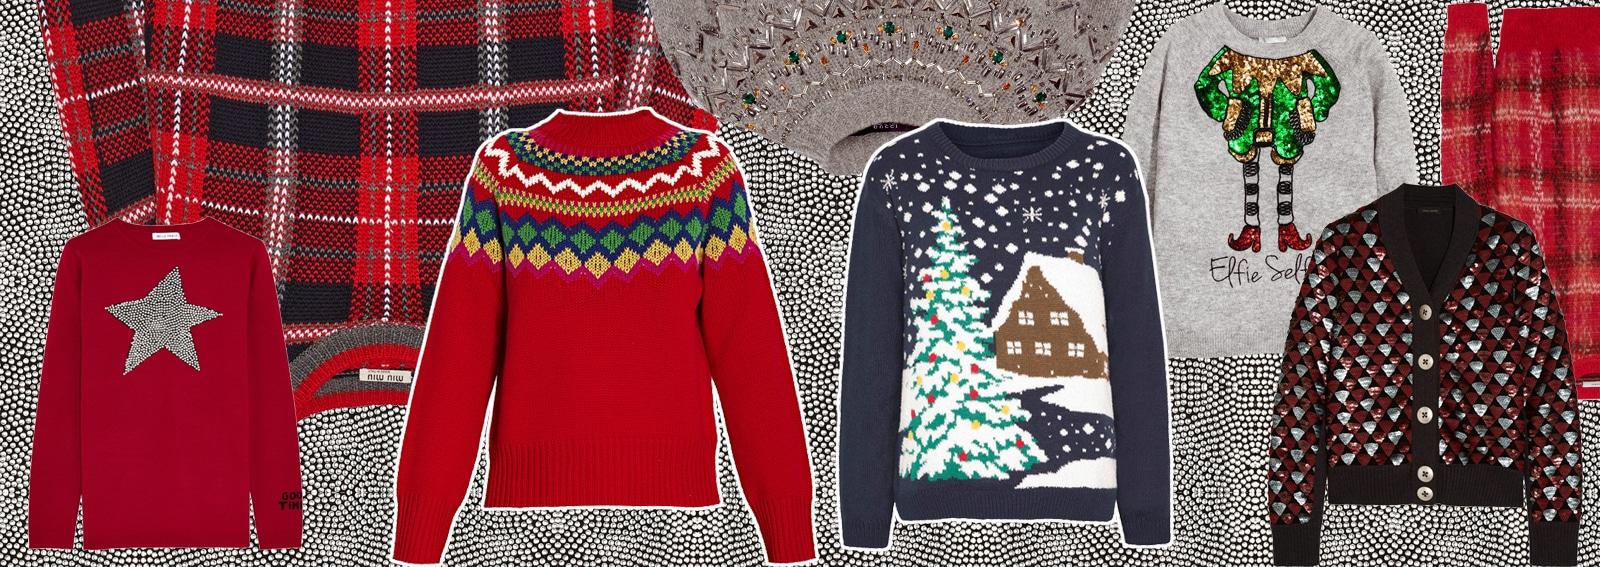 cover maglioni natalizi must 2015 dekstop